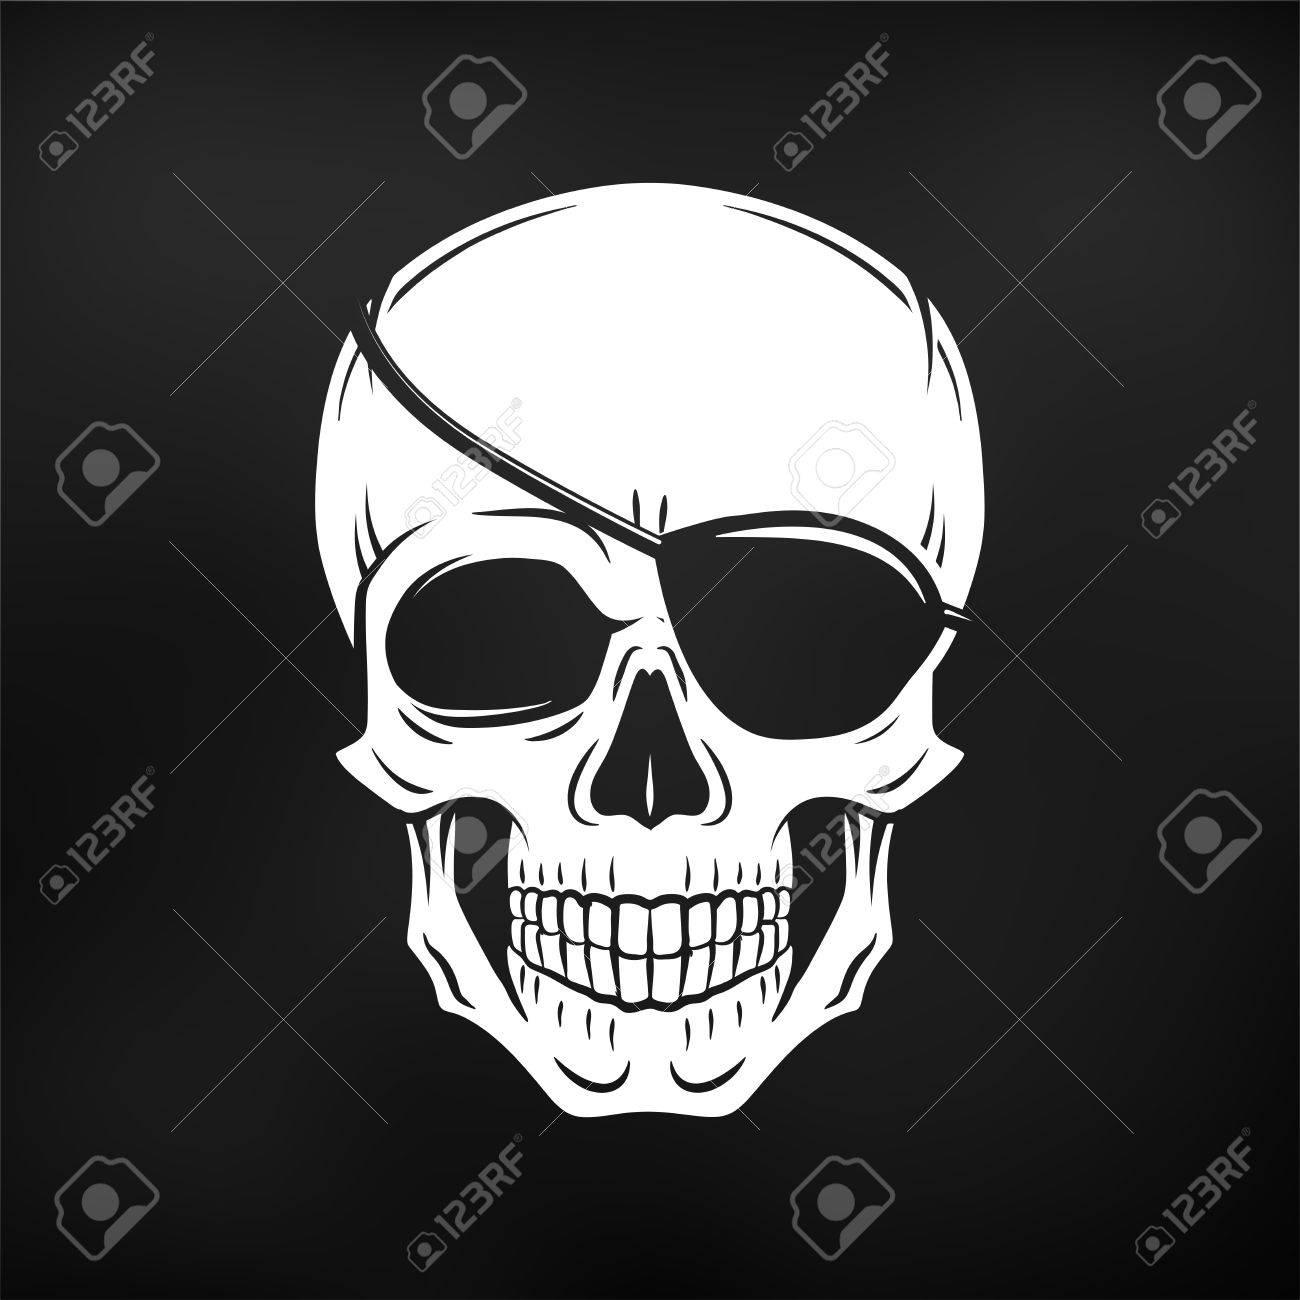 Vector Cráneo Maldad Humana. Jolly Roger, Con Plantilla De Logotipo ...